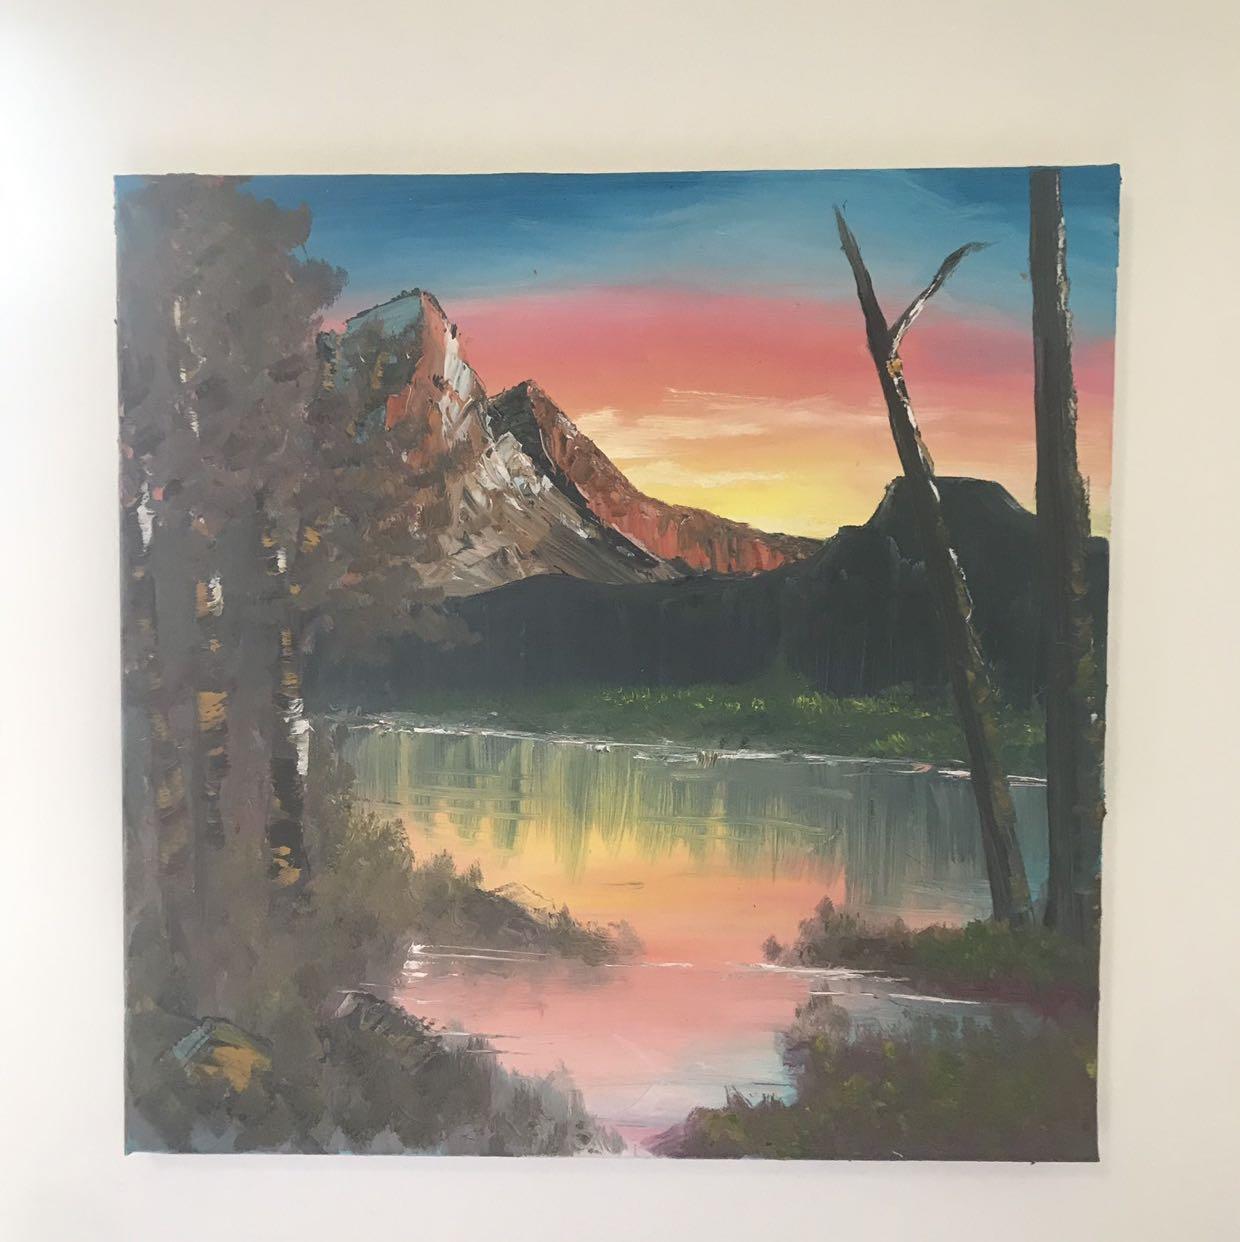 ציור-שמן-מעשה-יד-לתלייה-בבית - יד 2